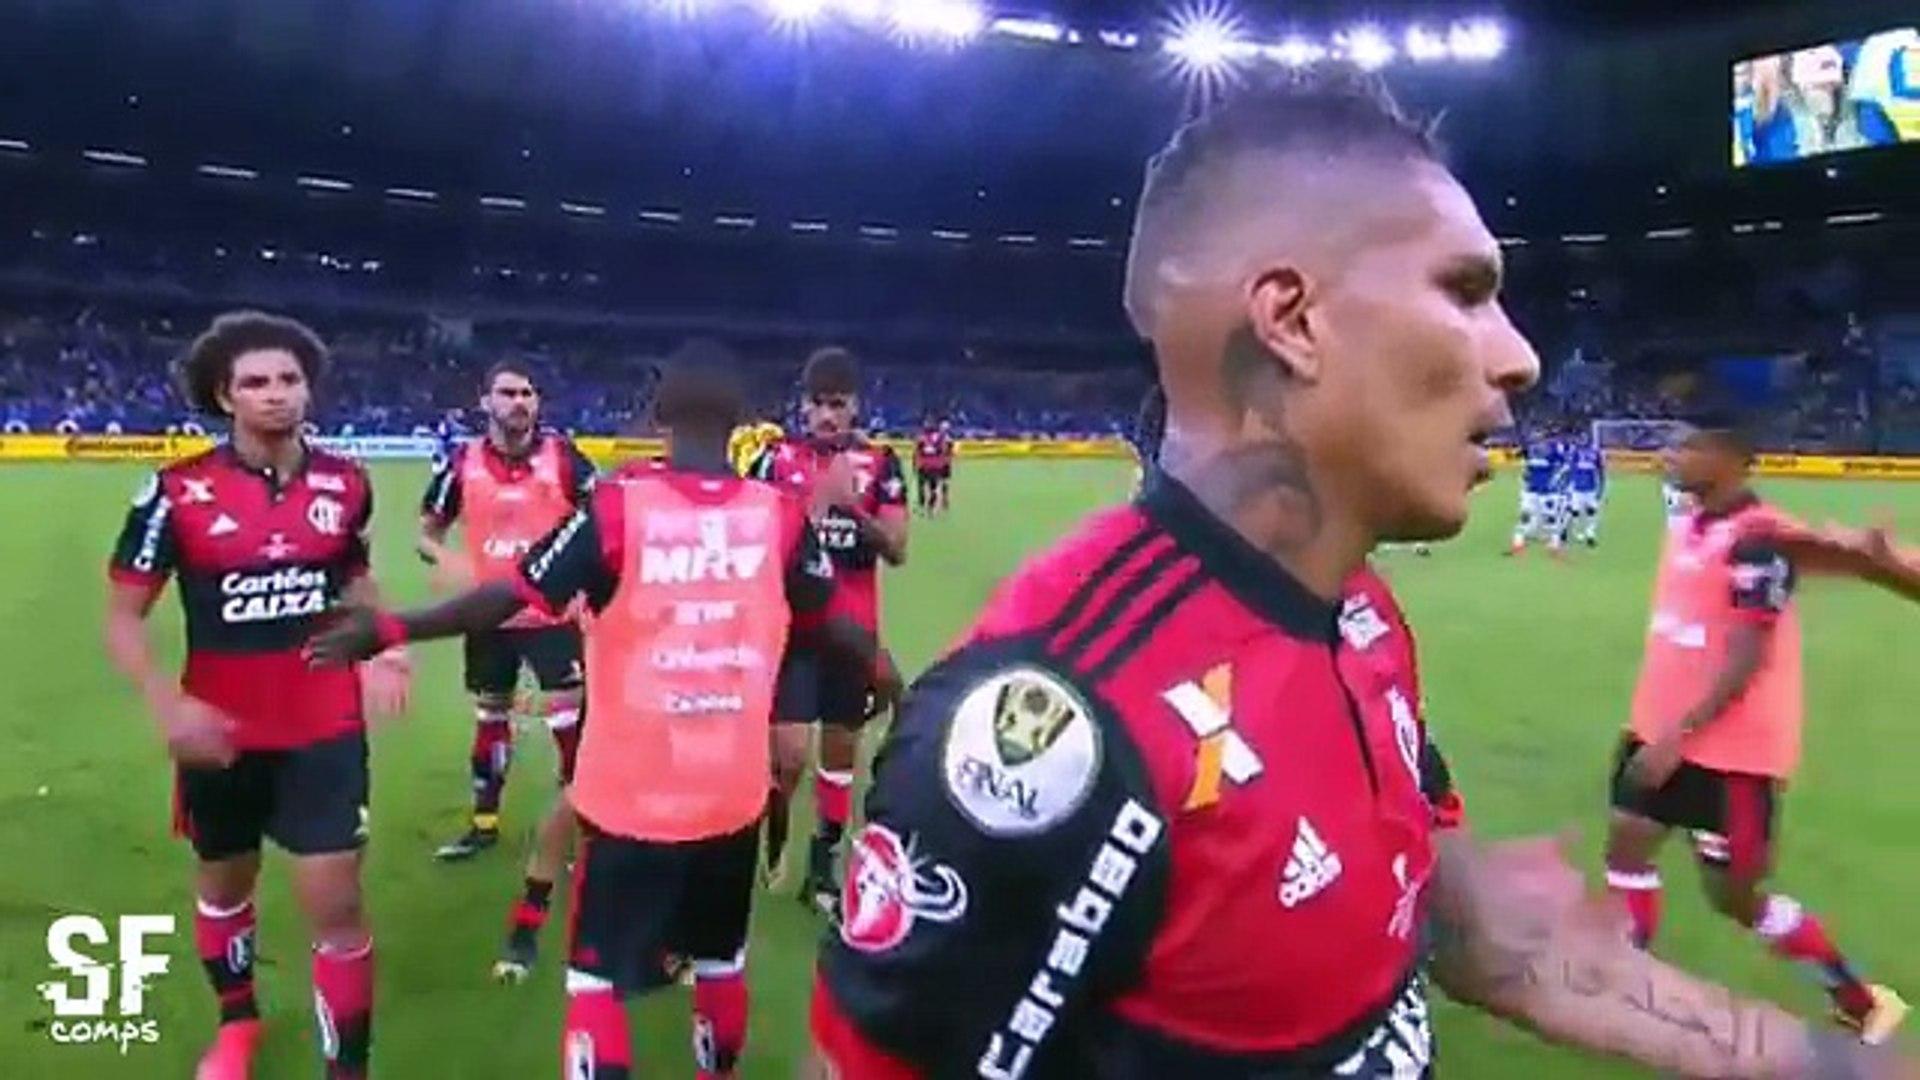 Cruzeiro 0 (5 x 3) 0 Flamengo - PENATIS - CRUZEIRO É CAMPEÃO DA COPA DO BRASIL 2017